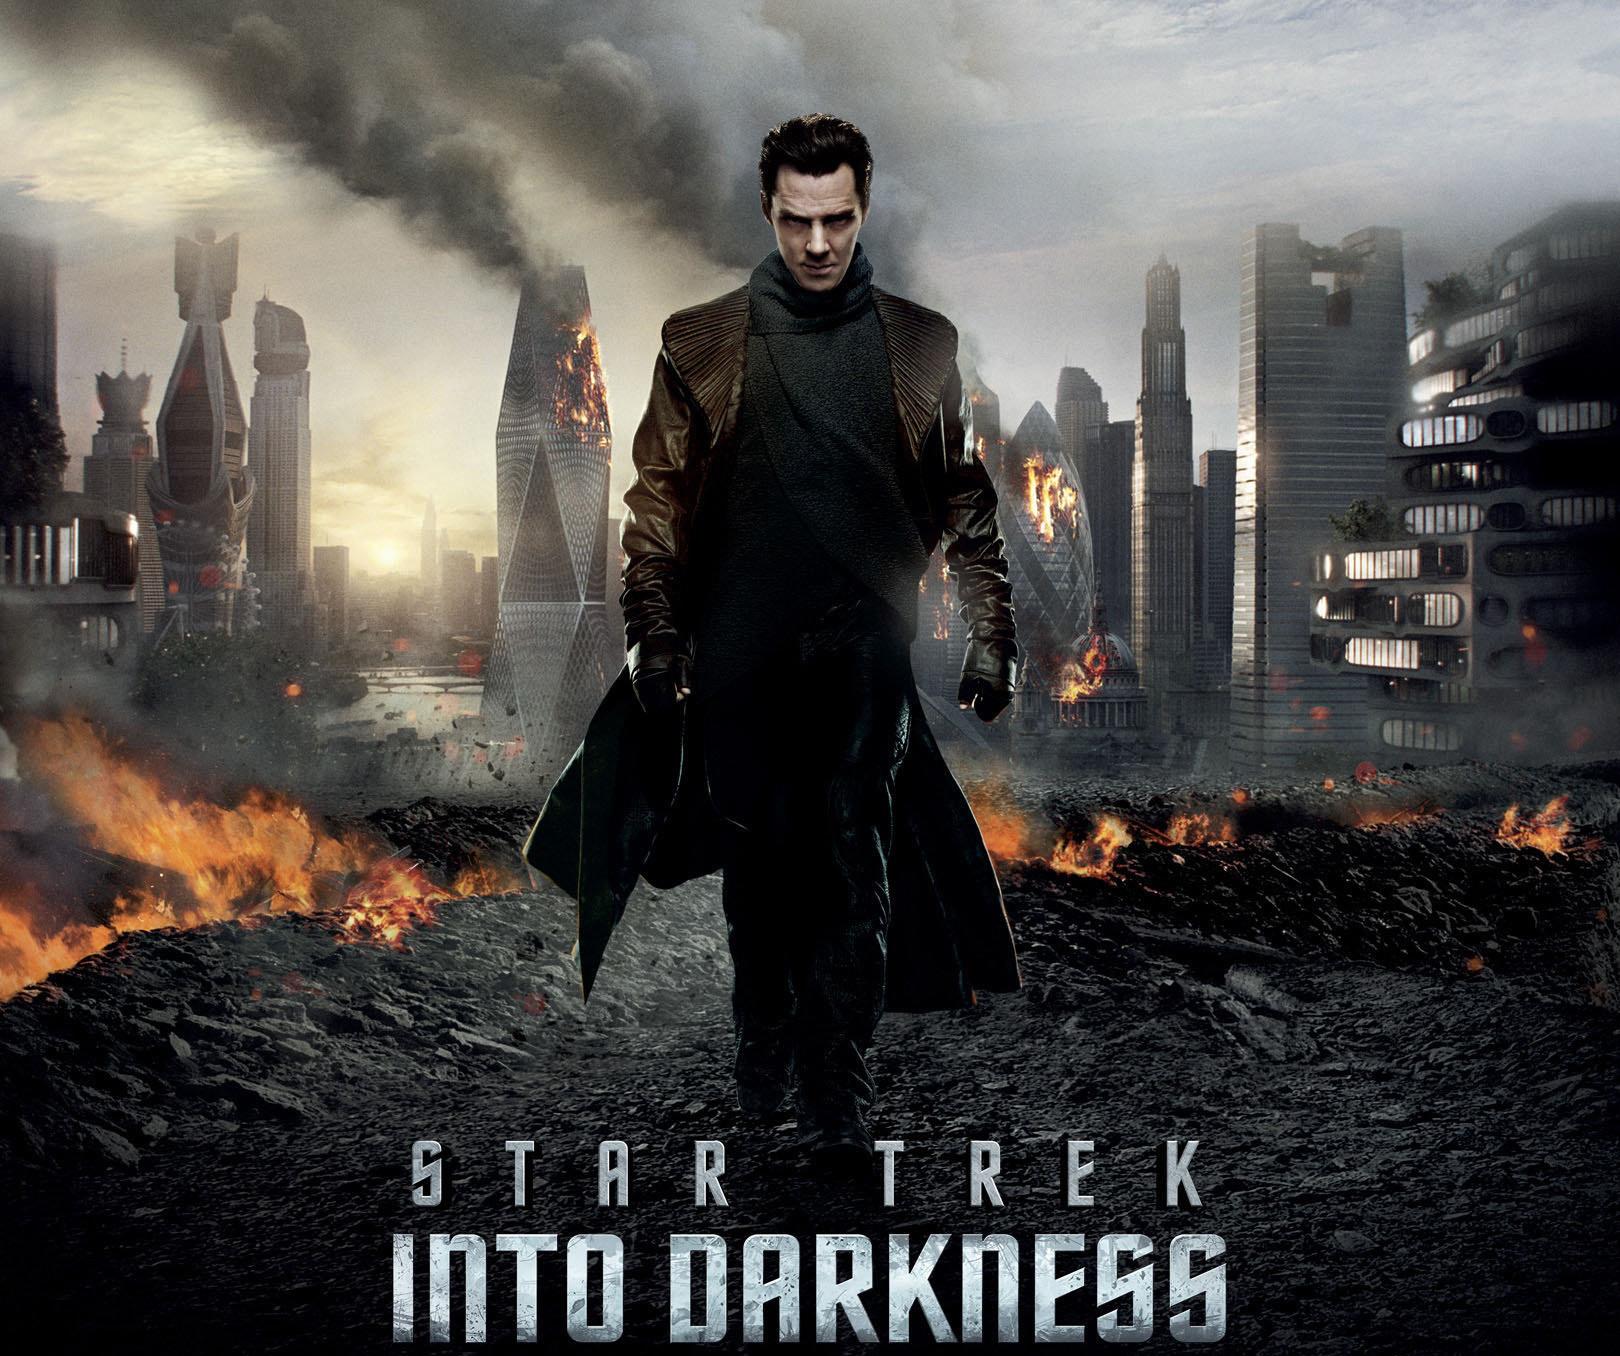 showtime showdown  u2013 star trek into darkness review